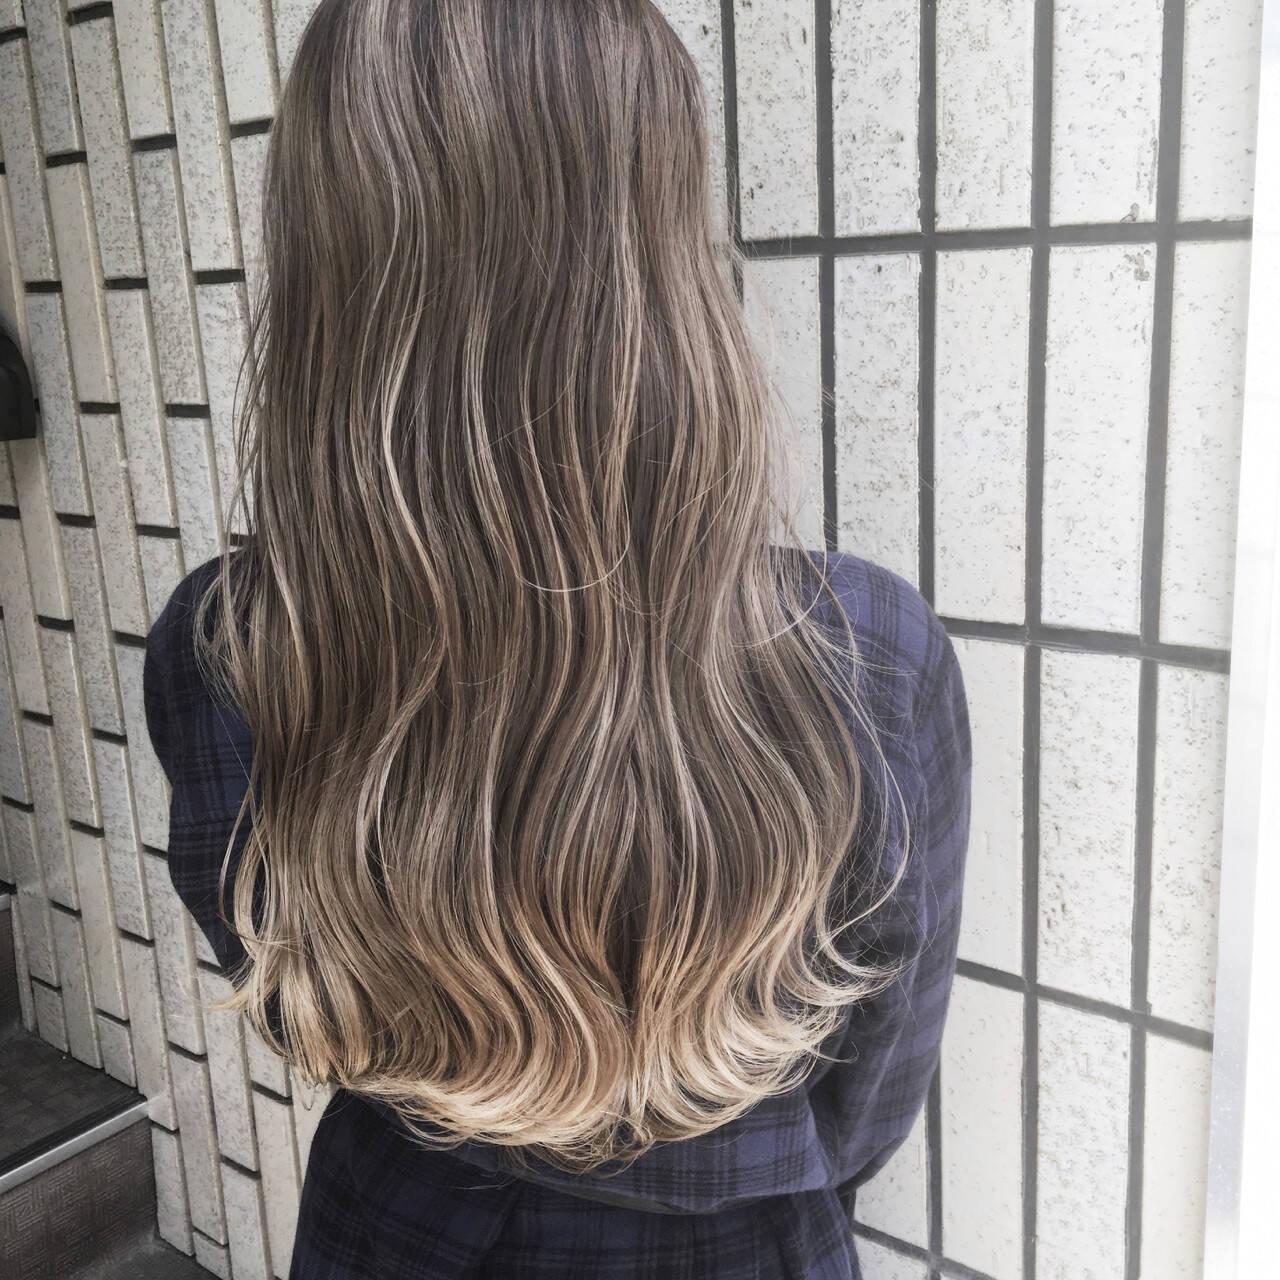 ロング デート オフィス グレージュヘアスタイルや髪型の写真・画像